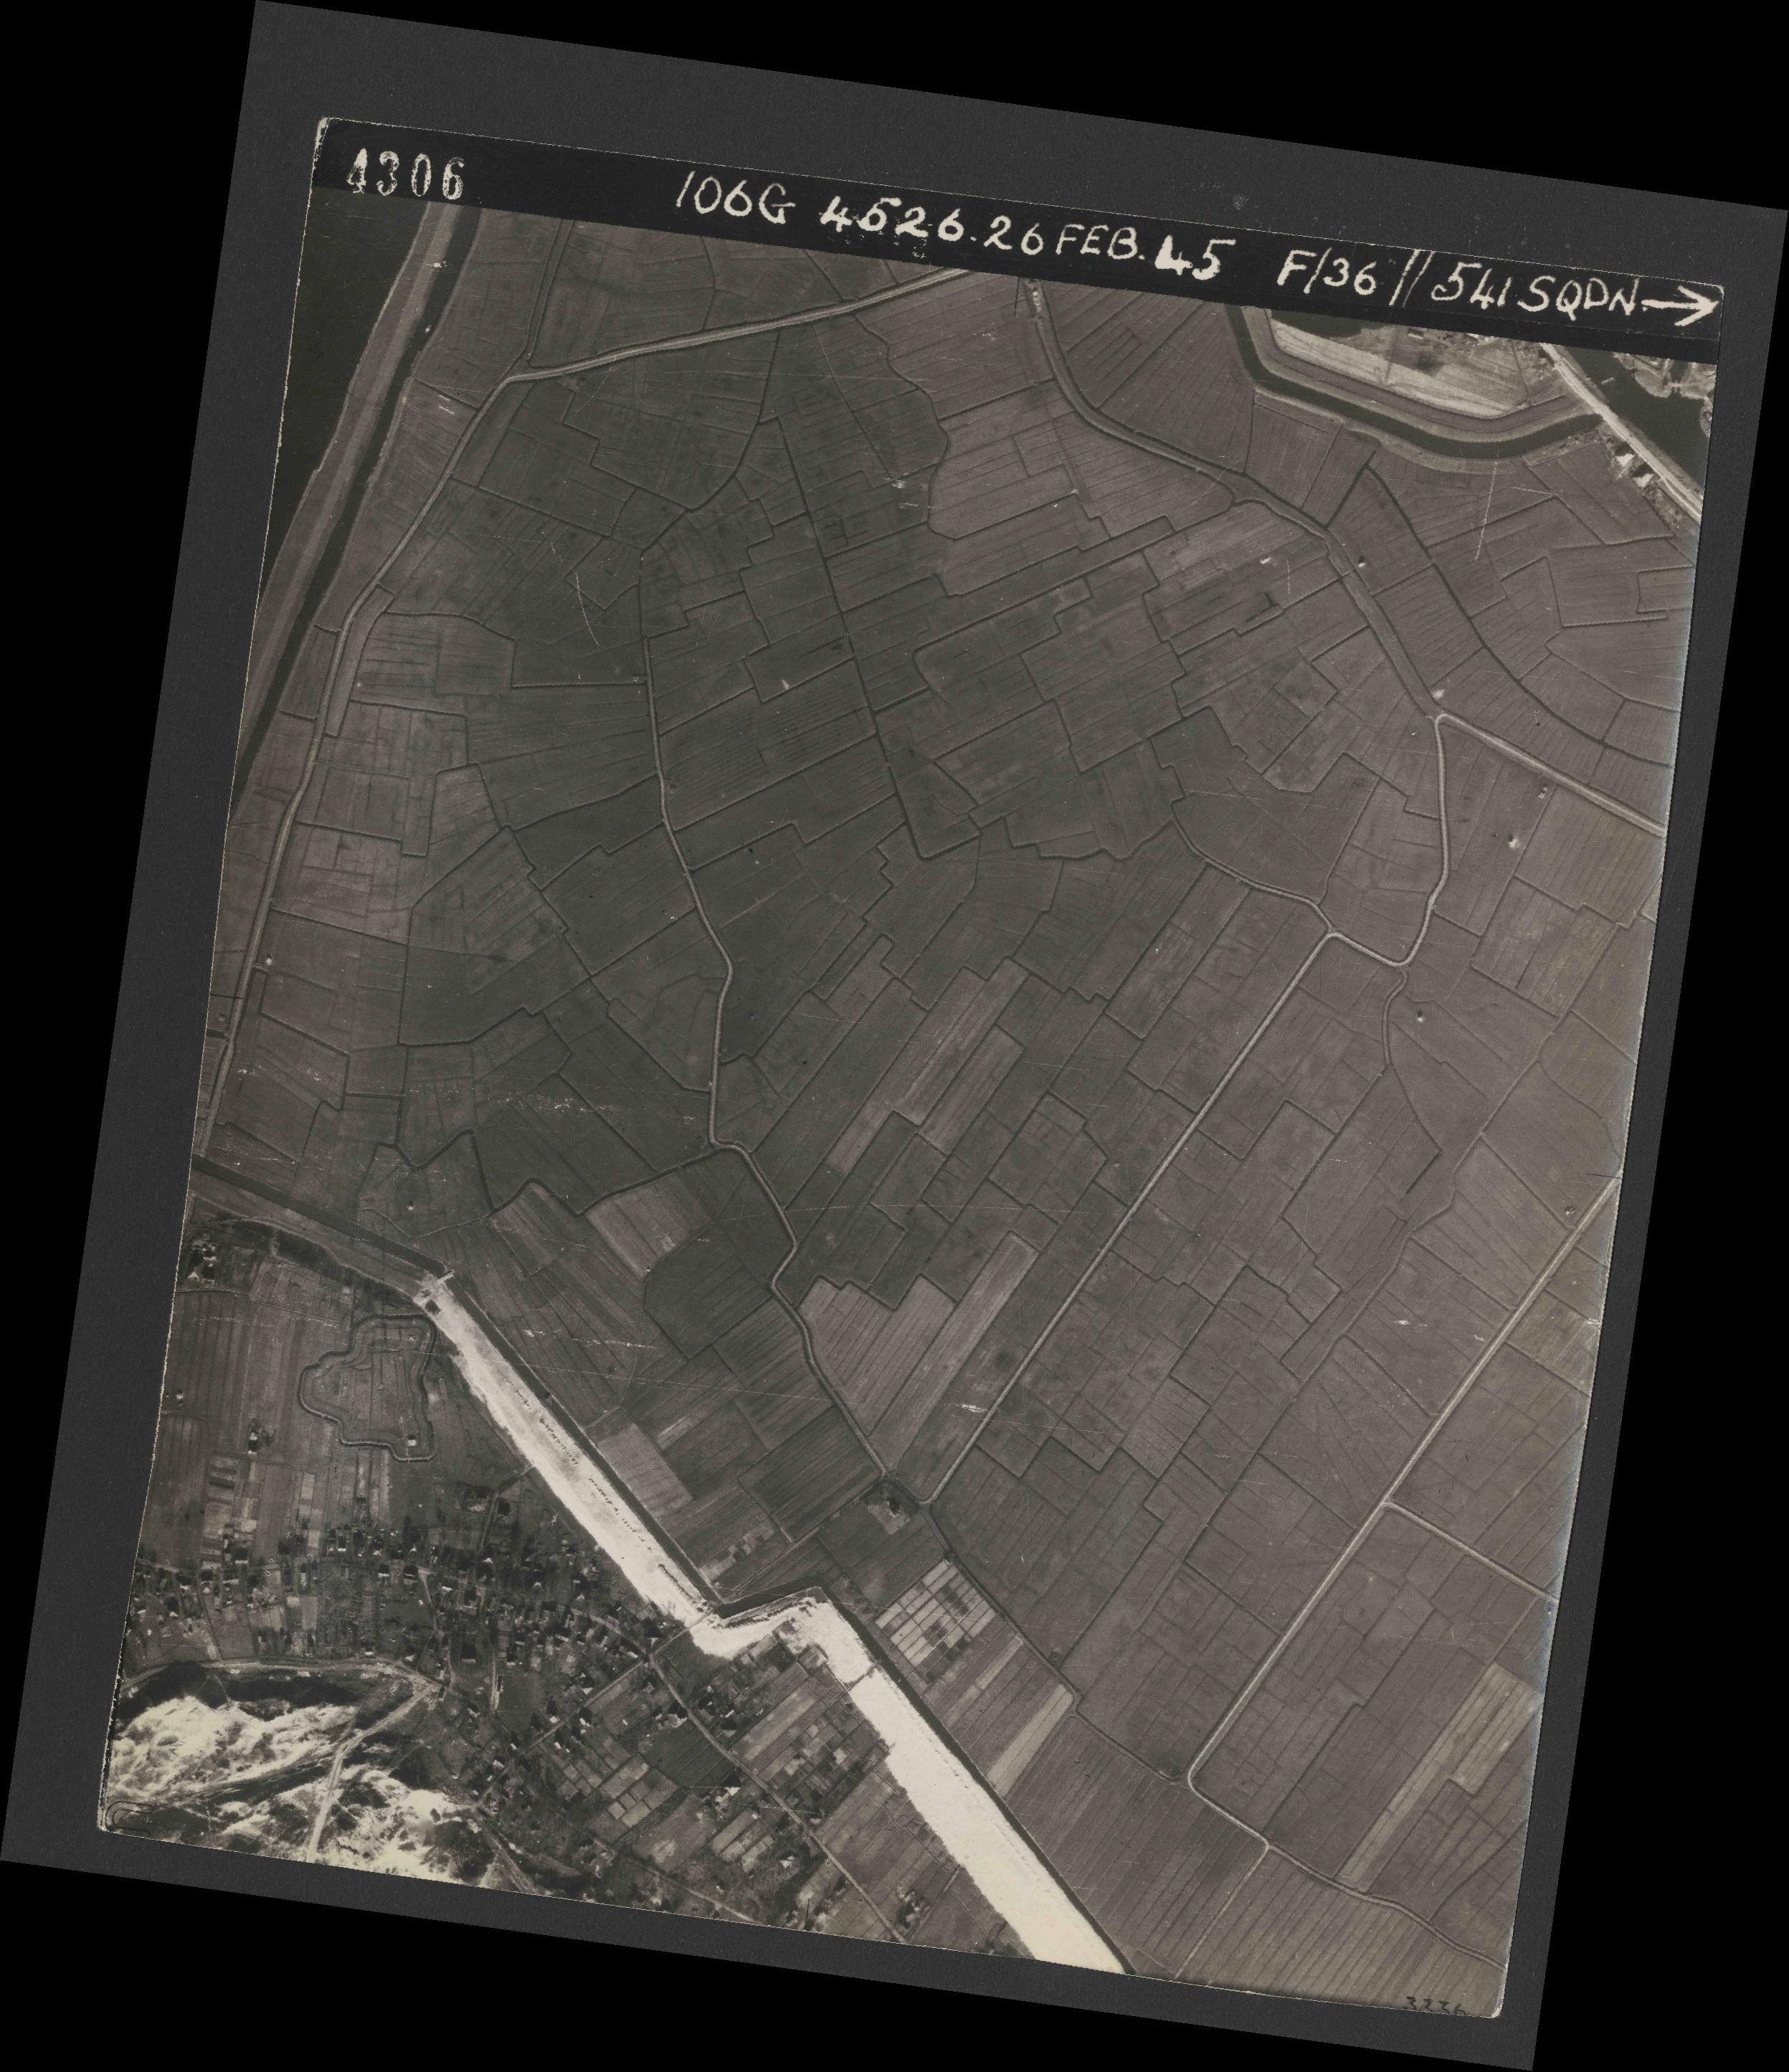 Collection RAF aerial photos 1940-1945 - flight 101, run 02, photo 4306